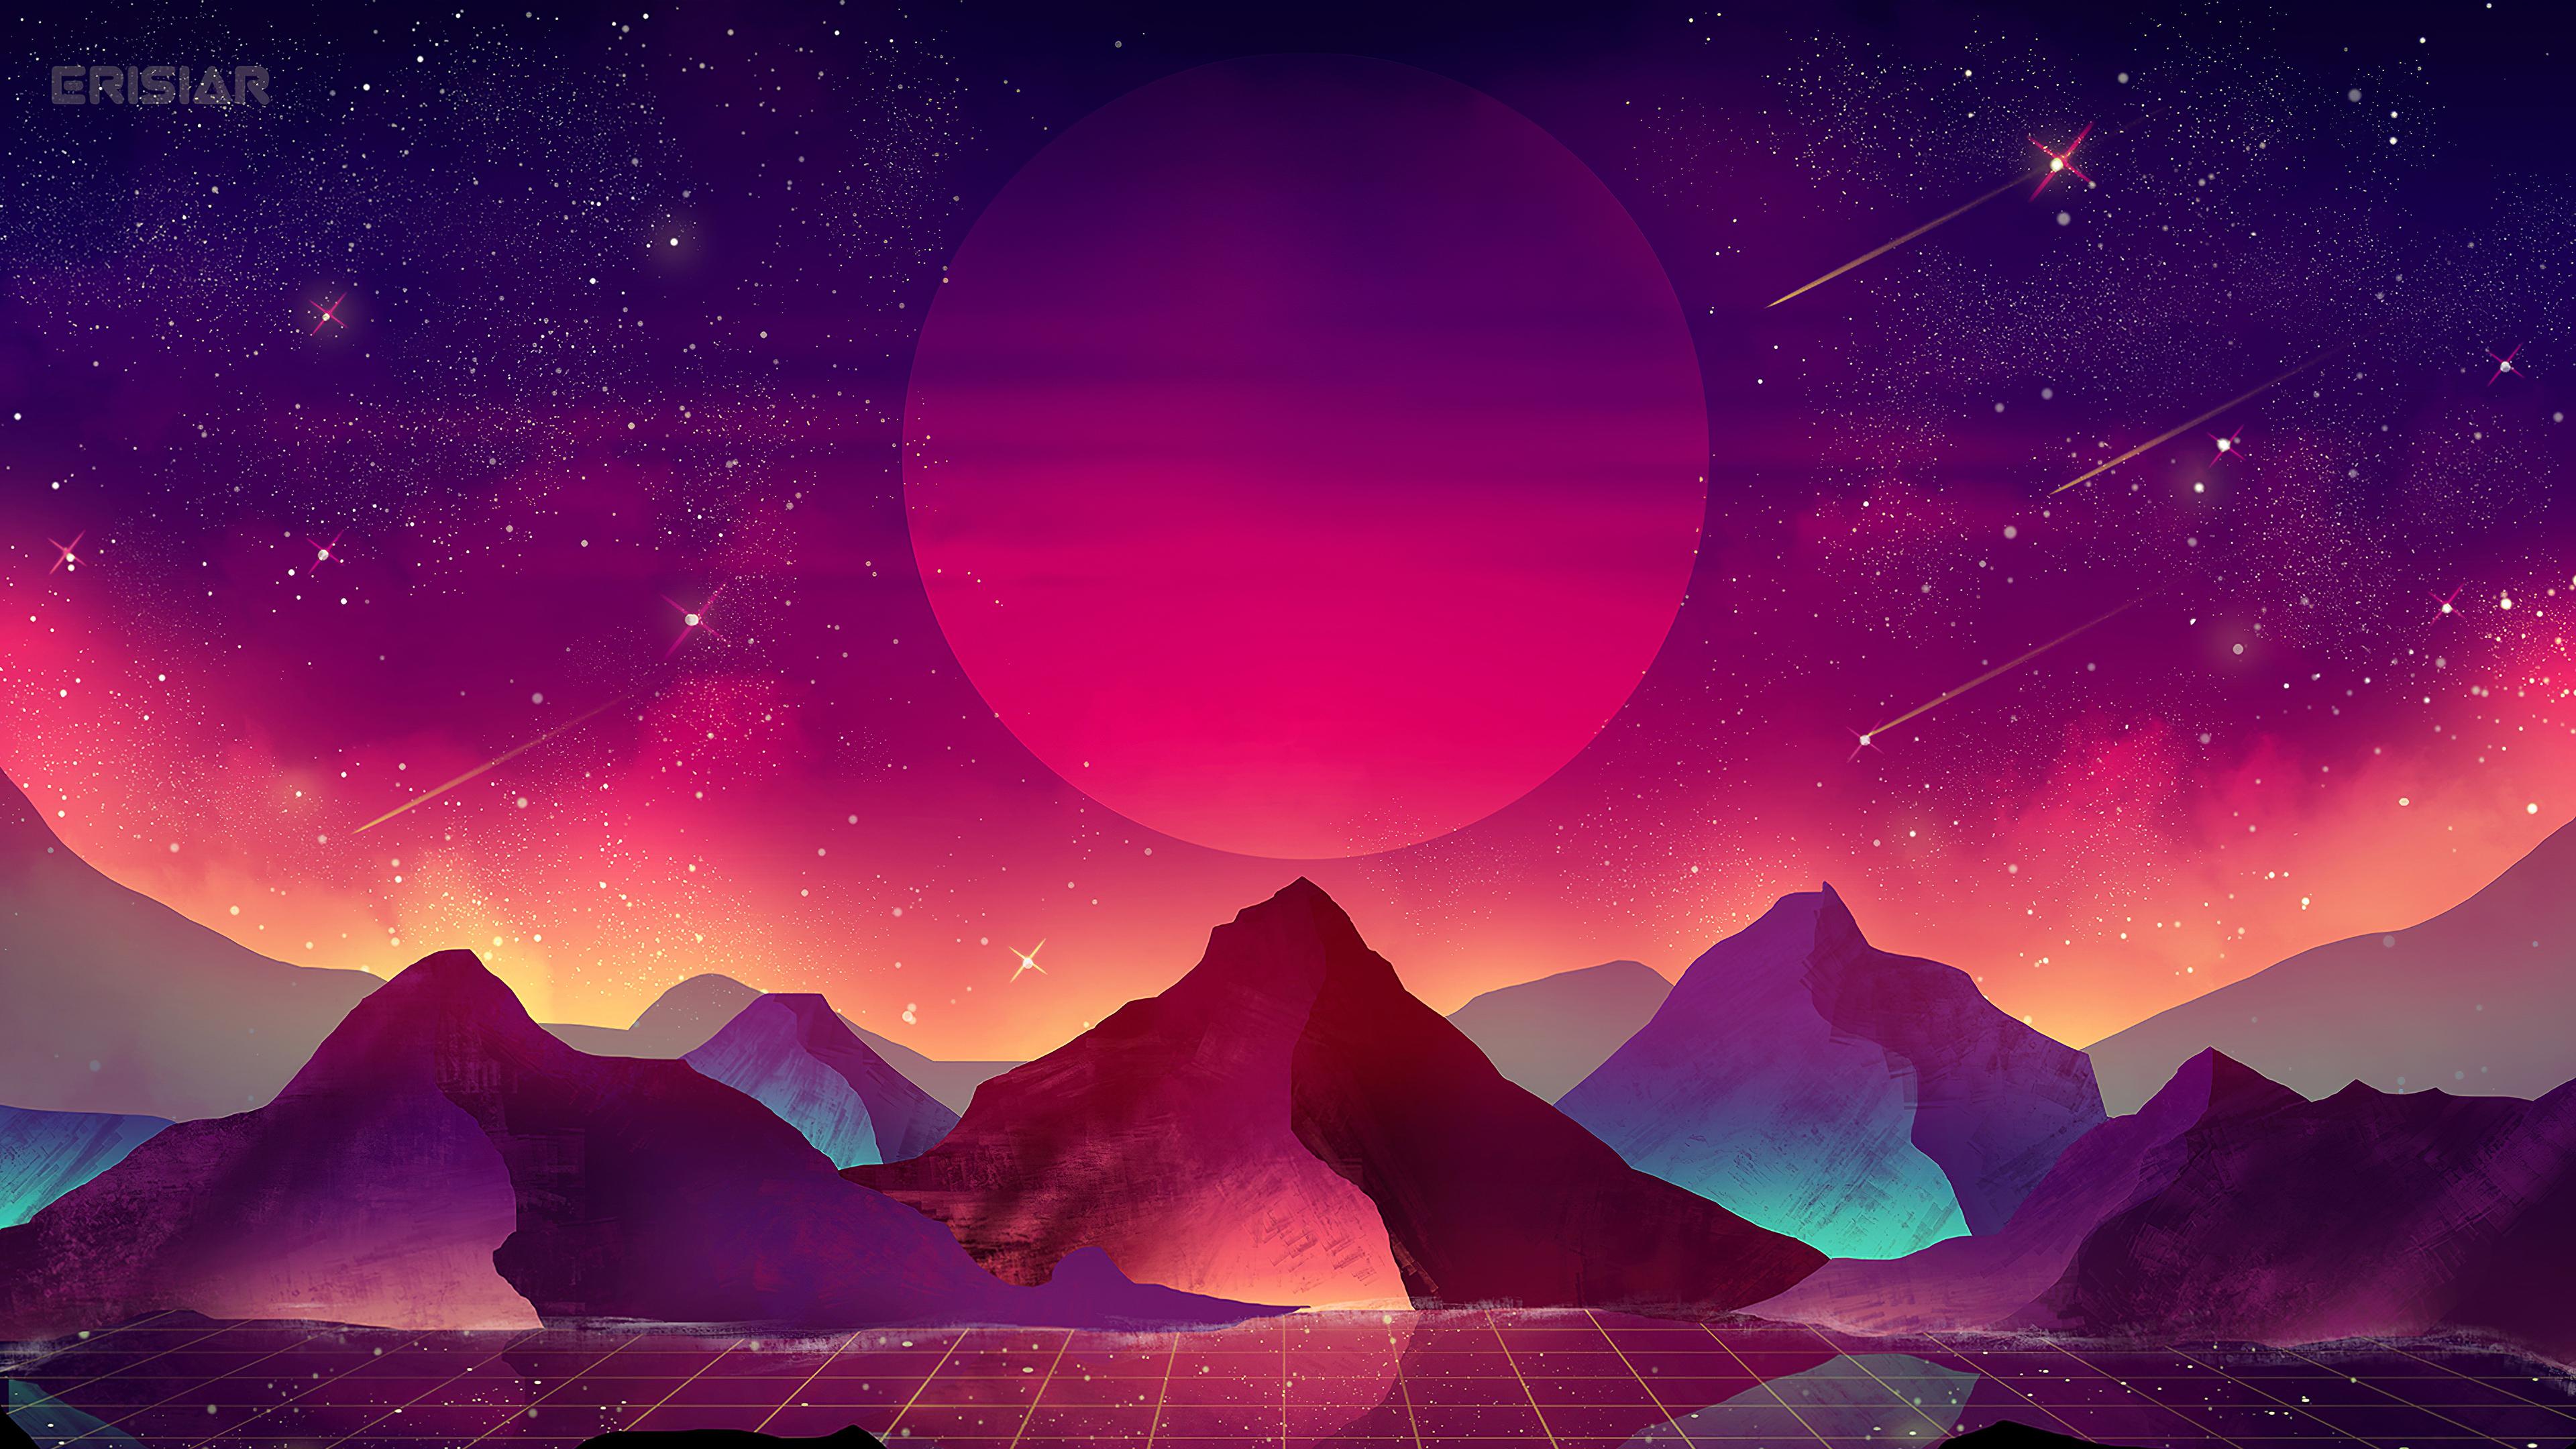 terrain vaporwave 1574940756 - Terrain Vaporwave -